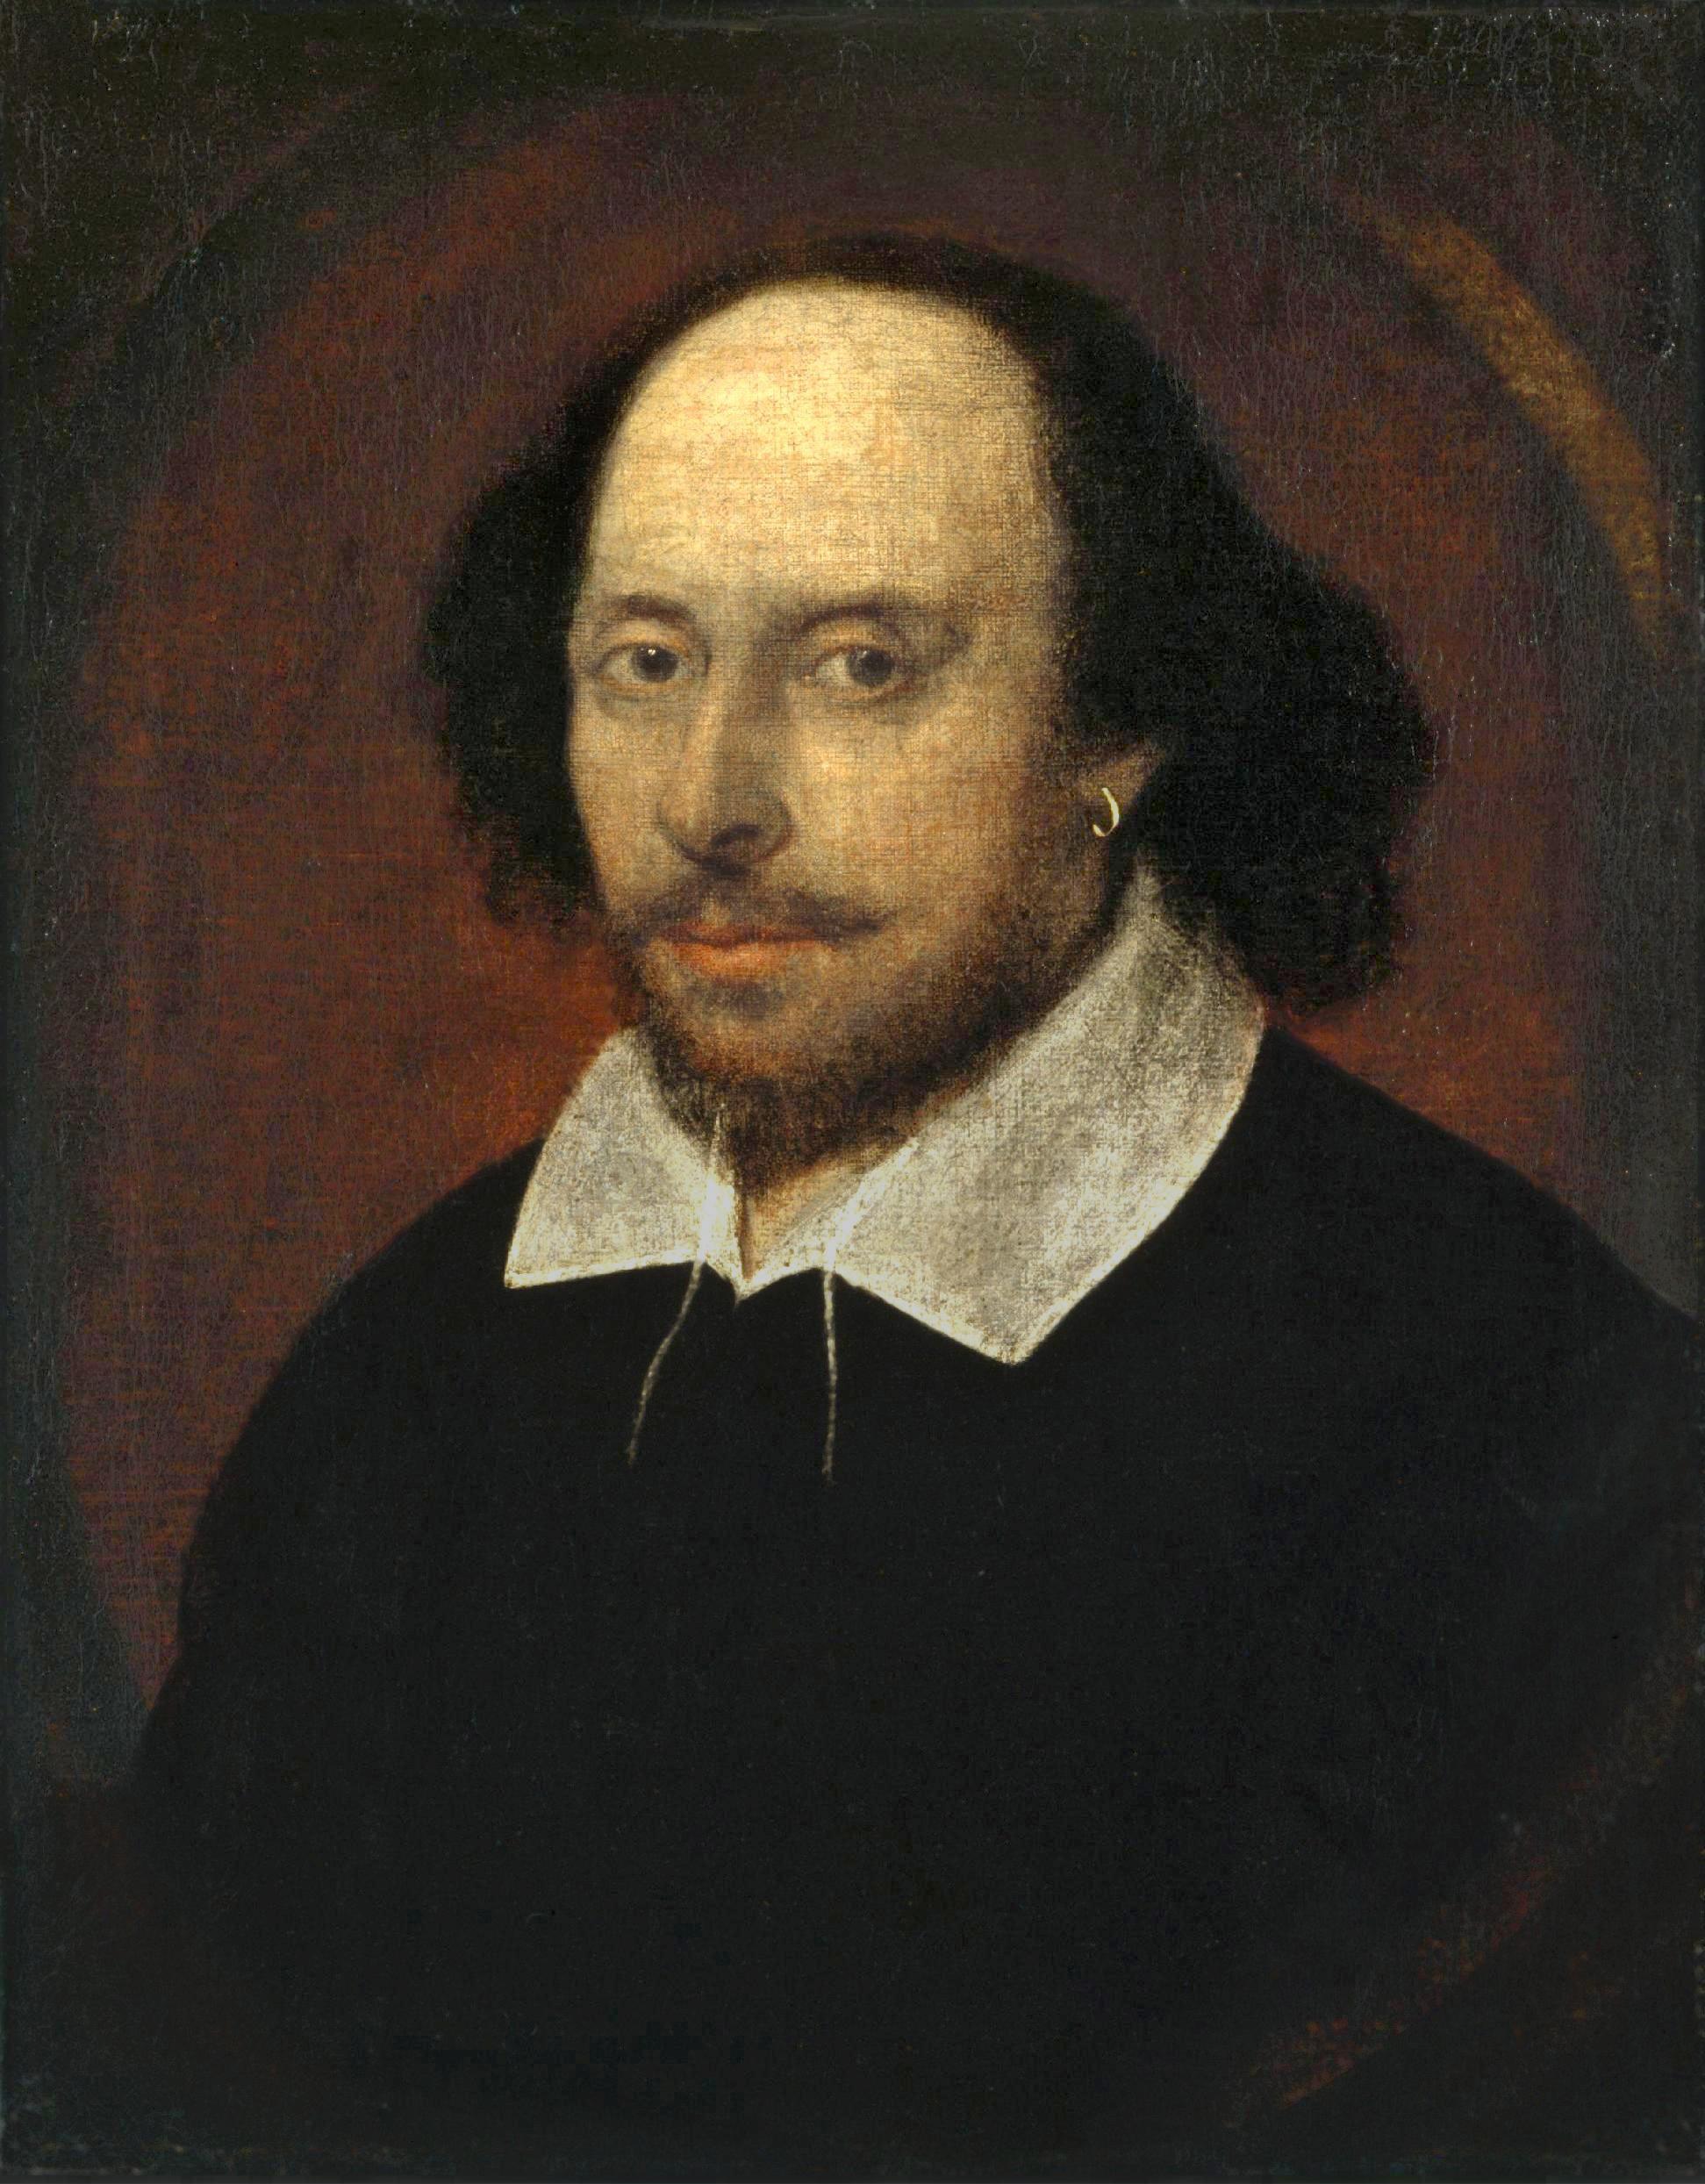 William Shakespeare escreveu algumas de suas principais obras durante um surto de peste bubônica